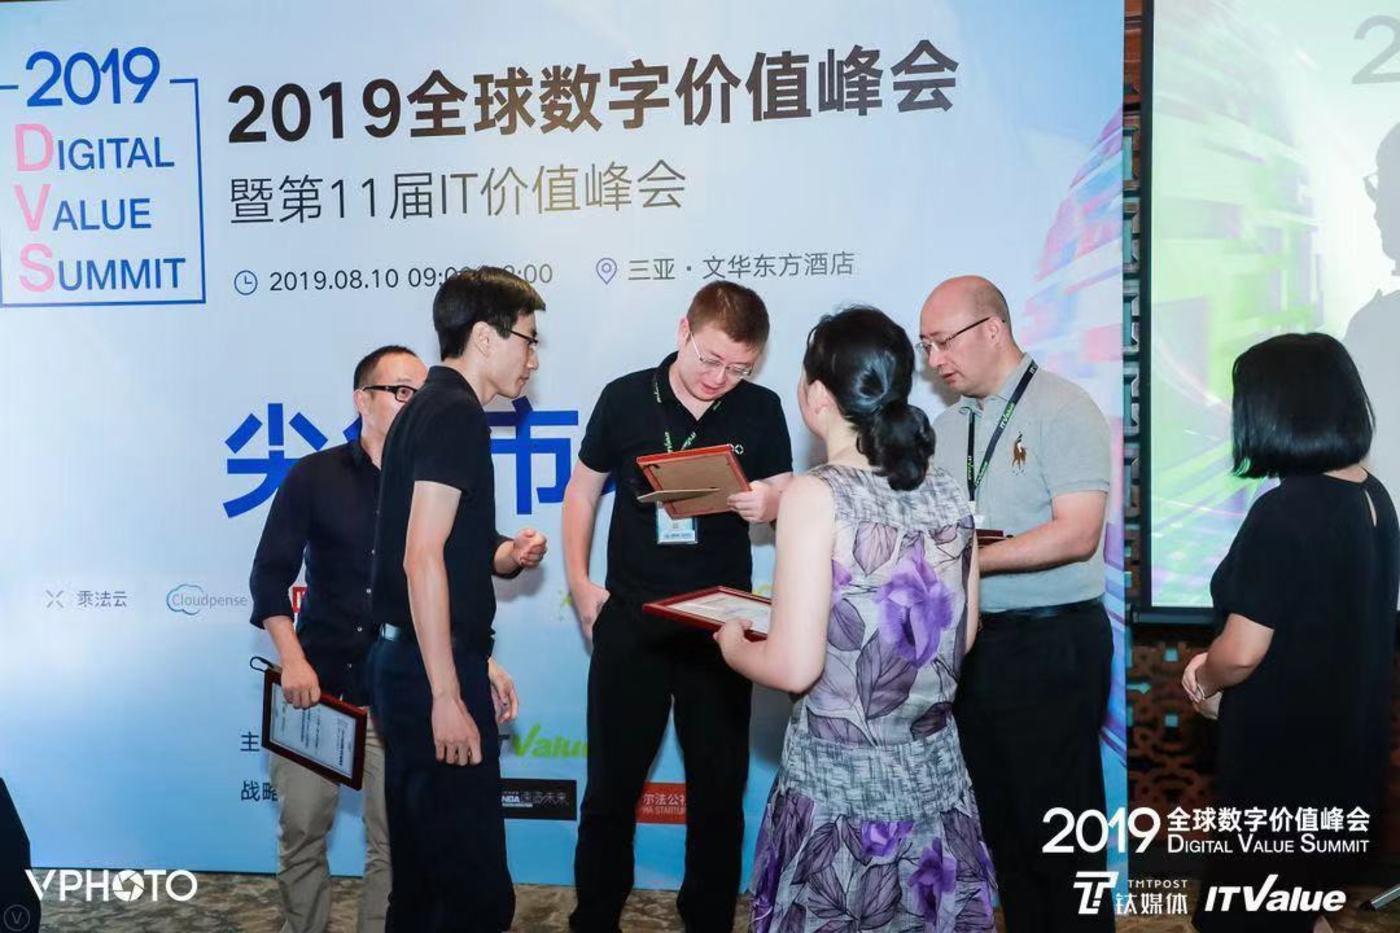 万达集团CIO、丙晟科技总裁朱战备为企业代表颁奖